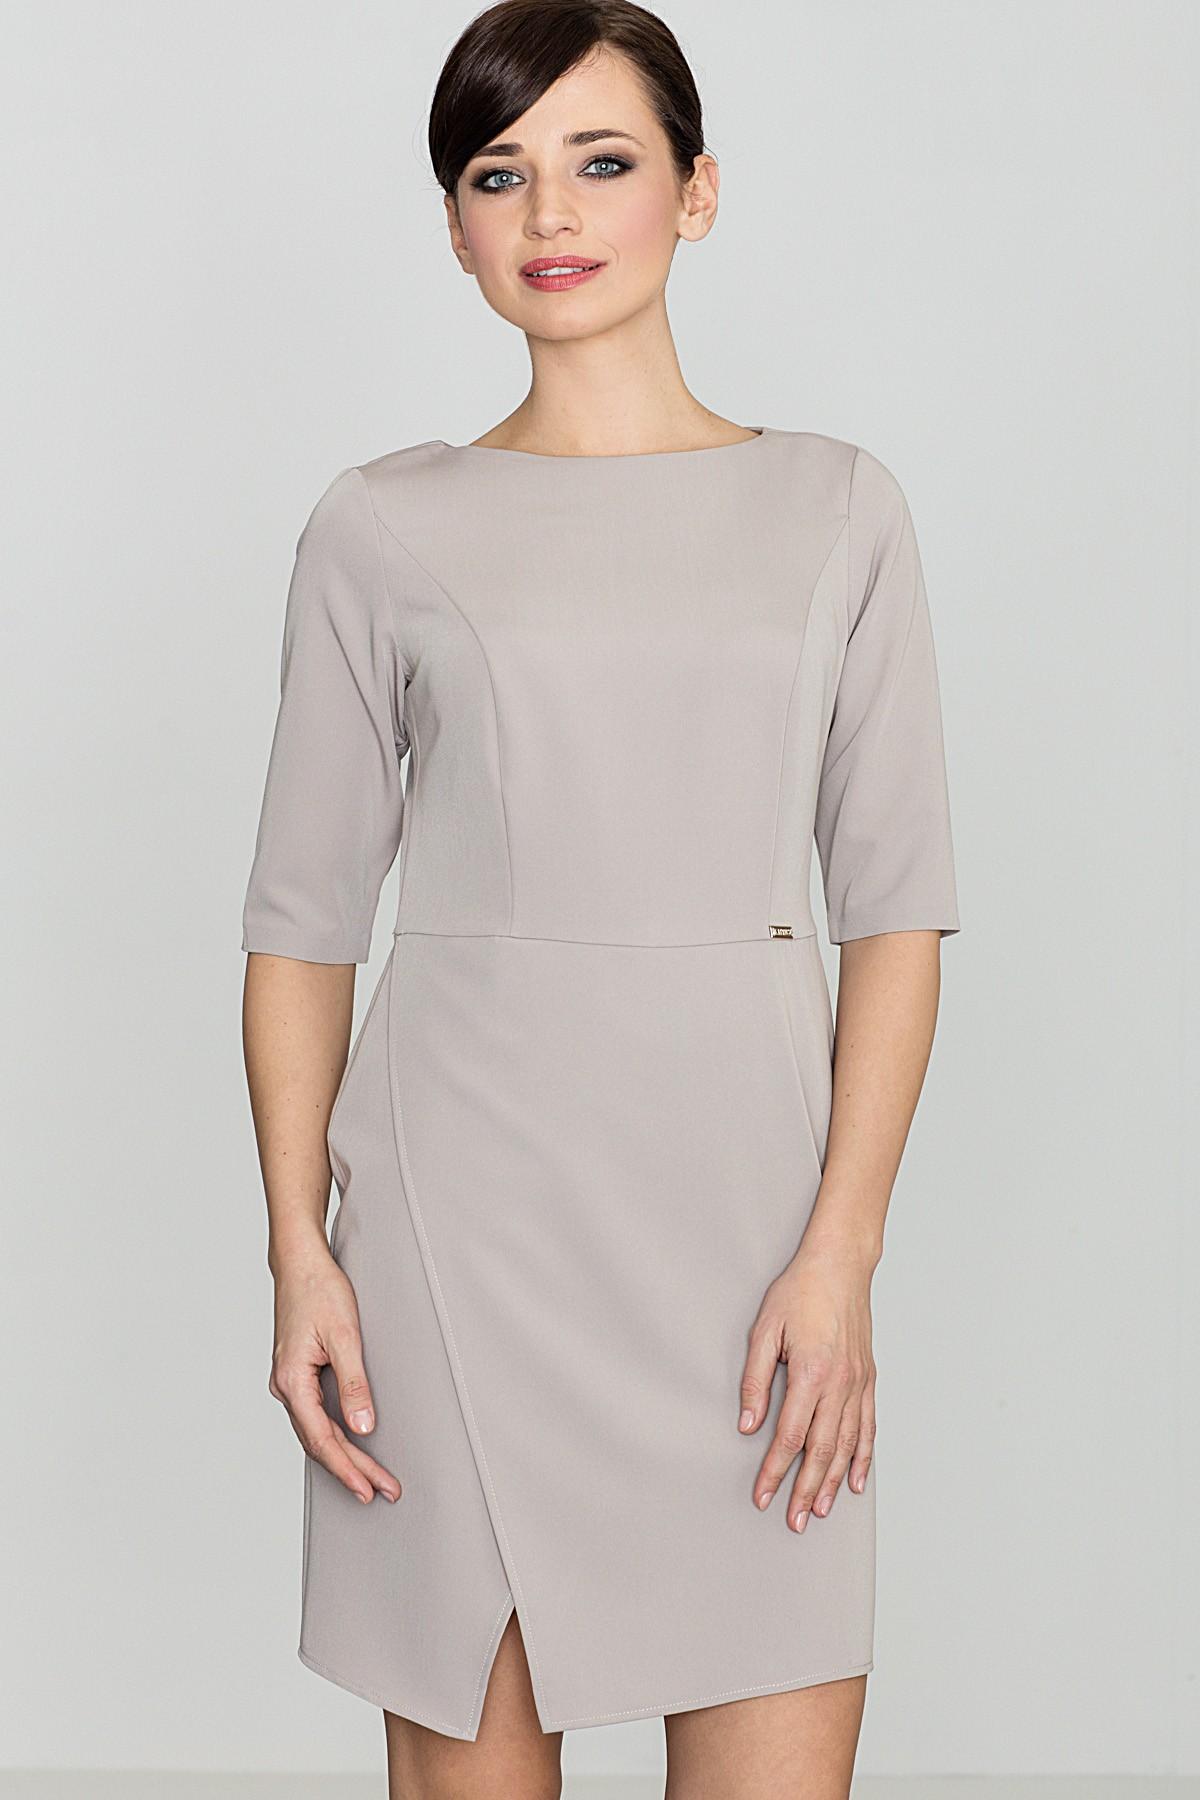 d6229b1a Elegancka sukienka do biura beżowa